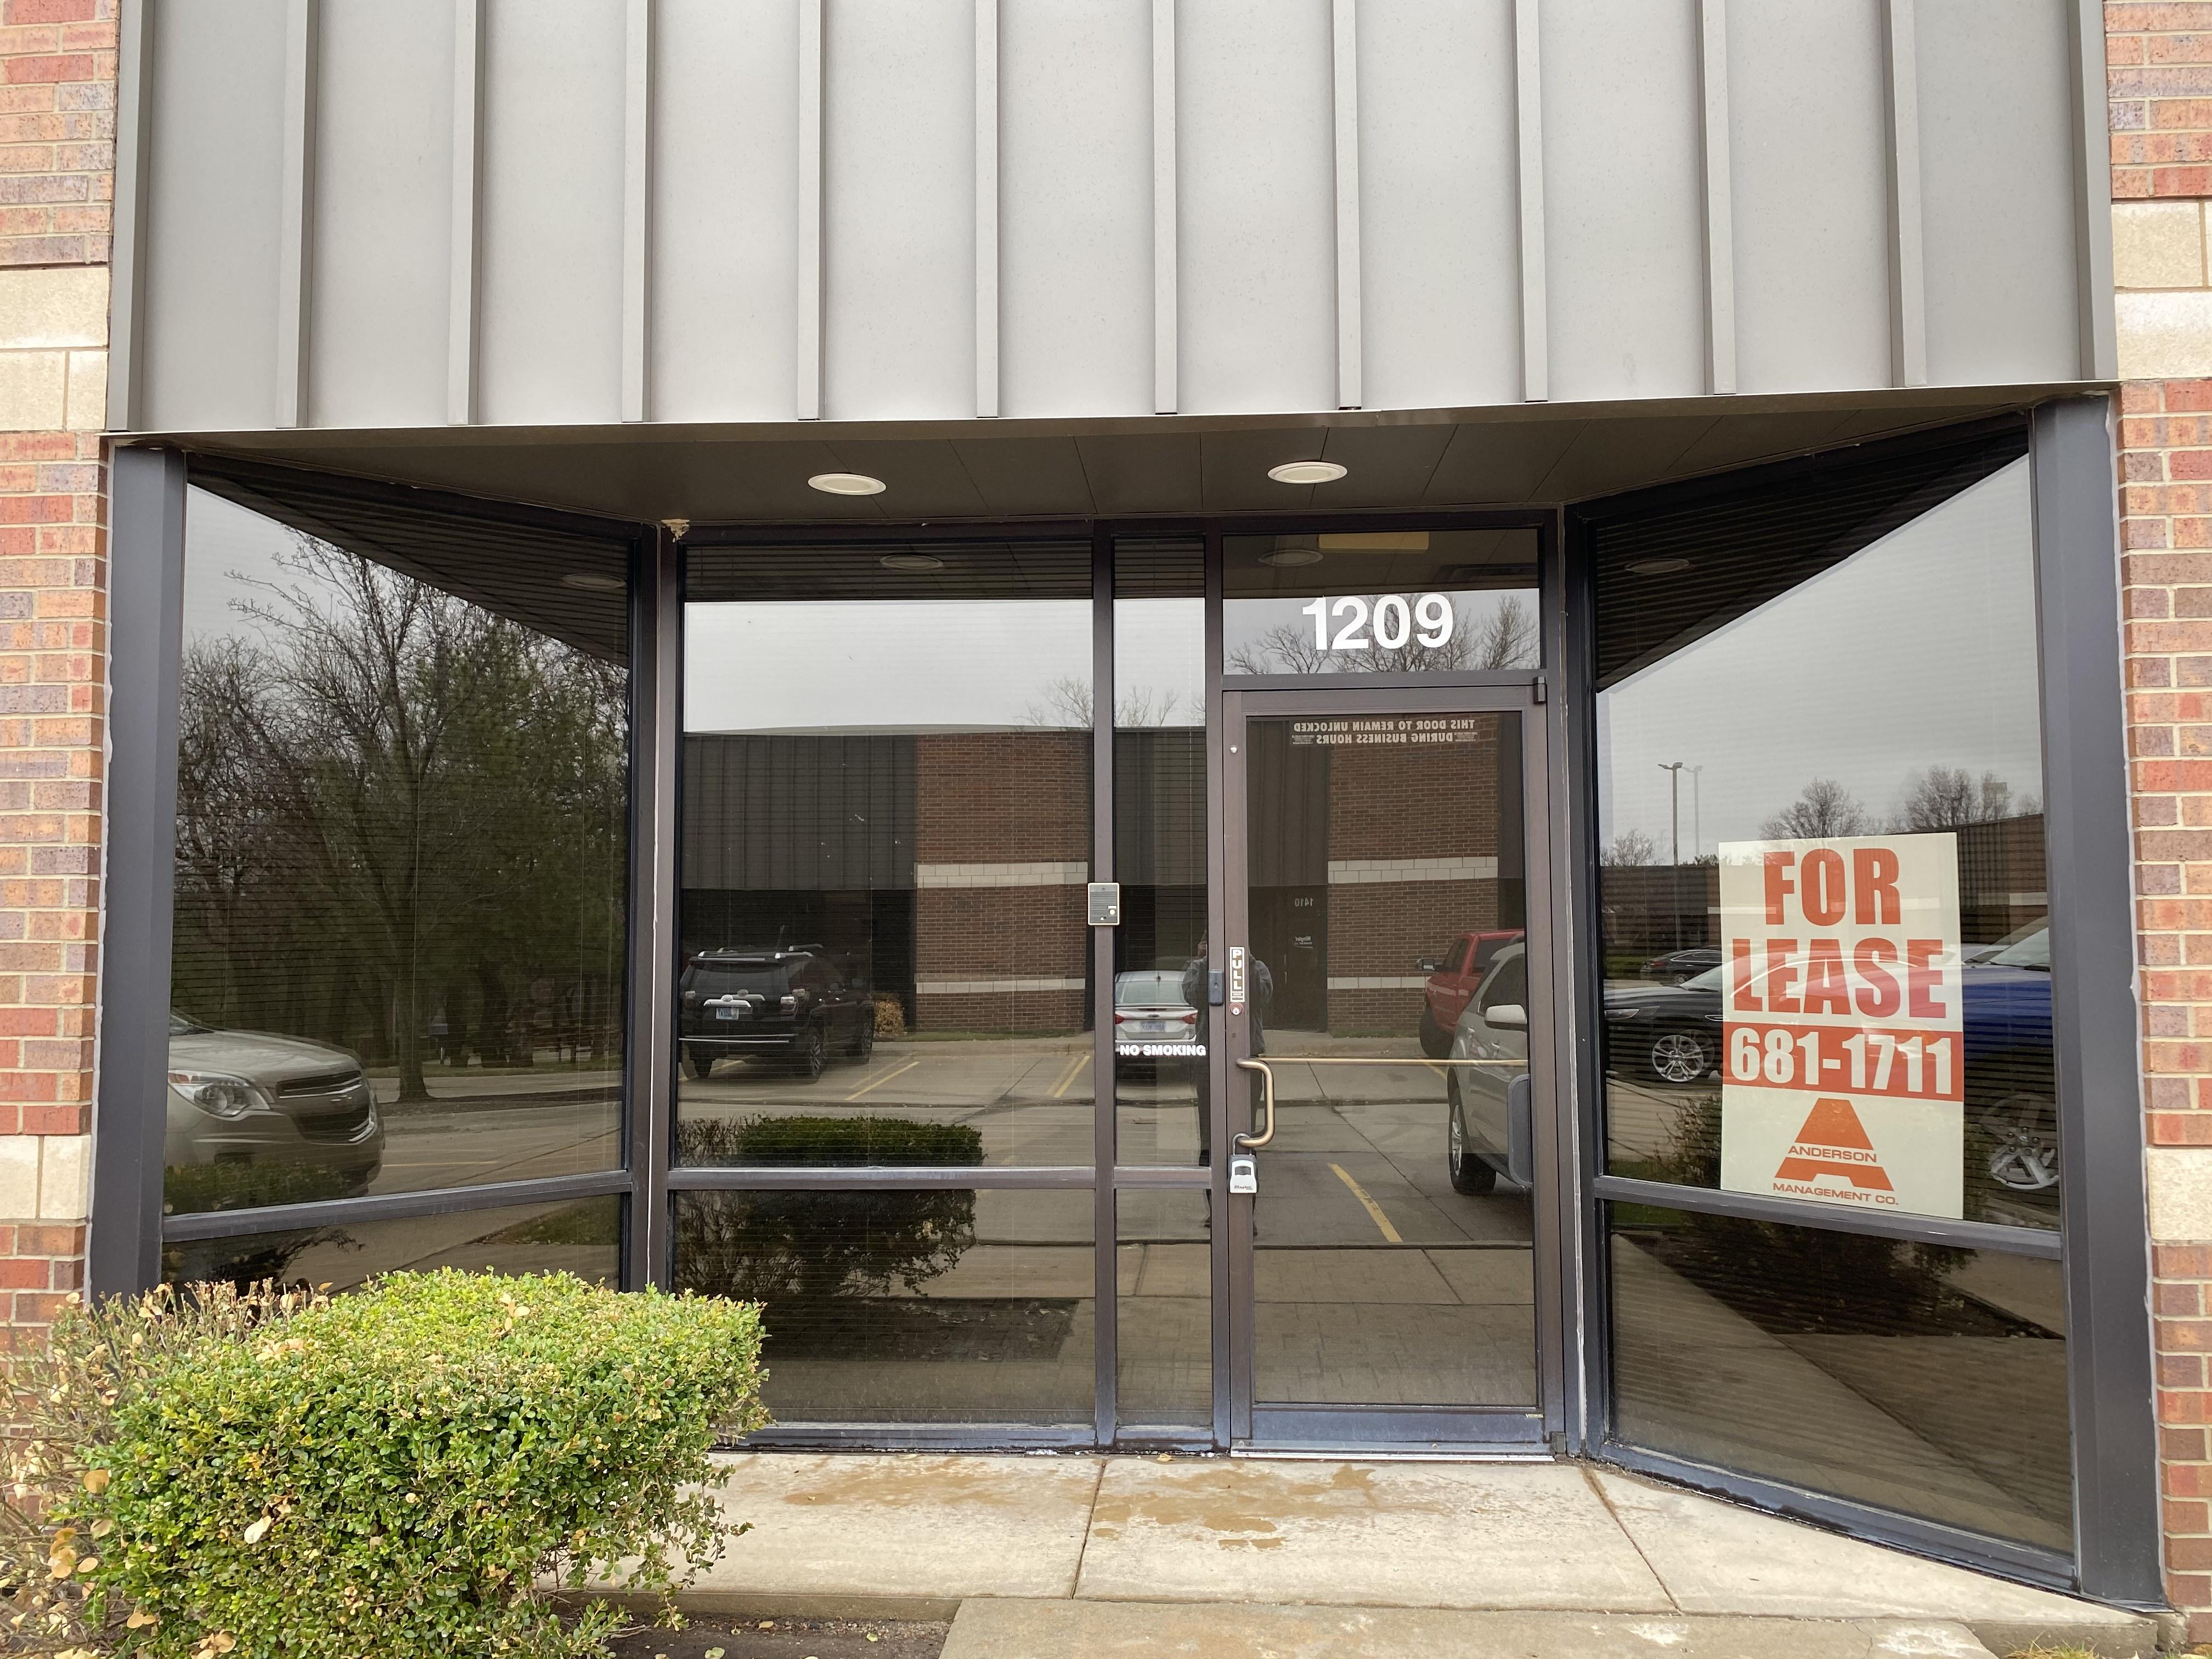 Northrock Business Park, Suite 1209